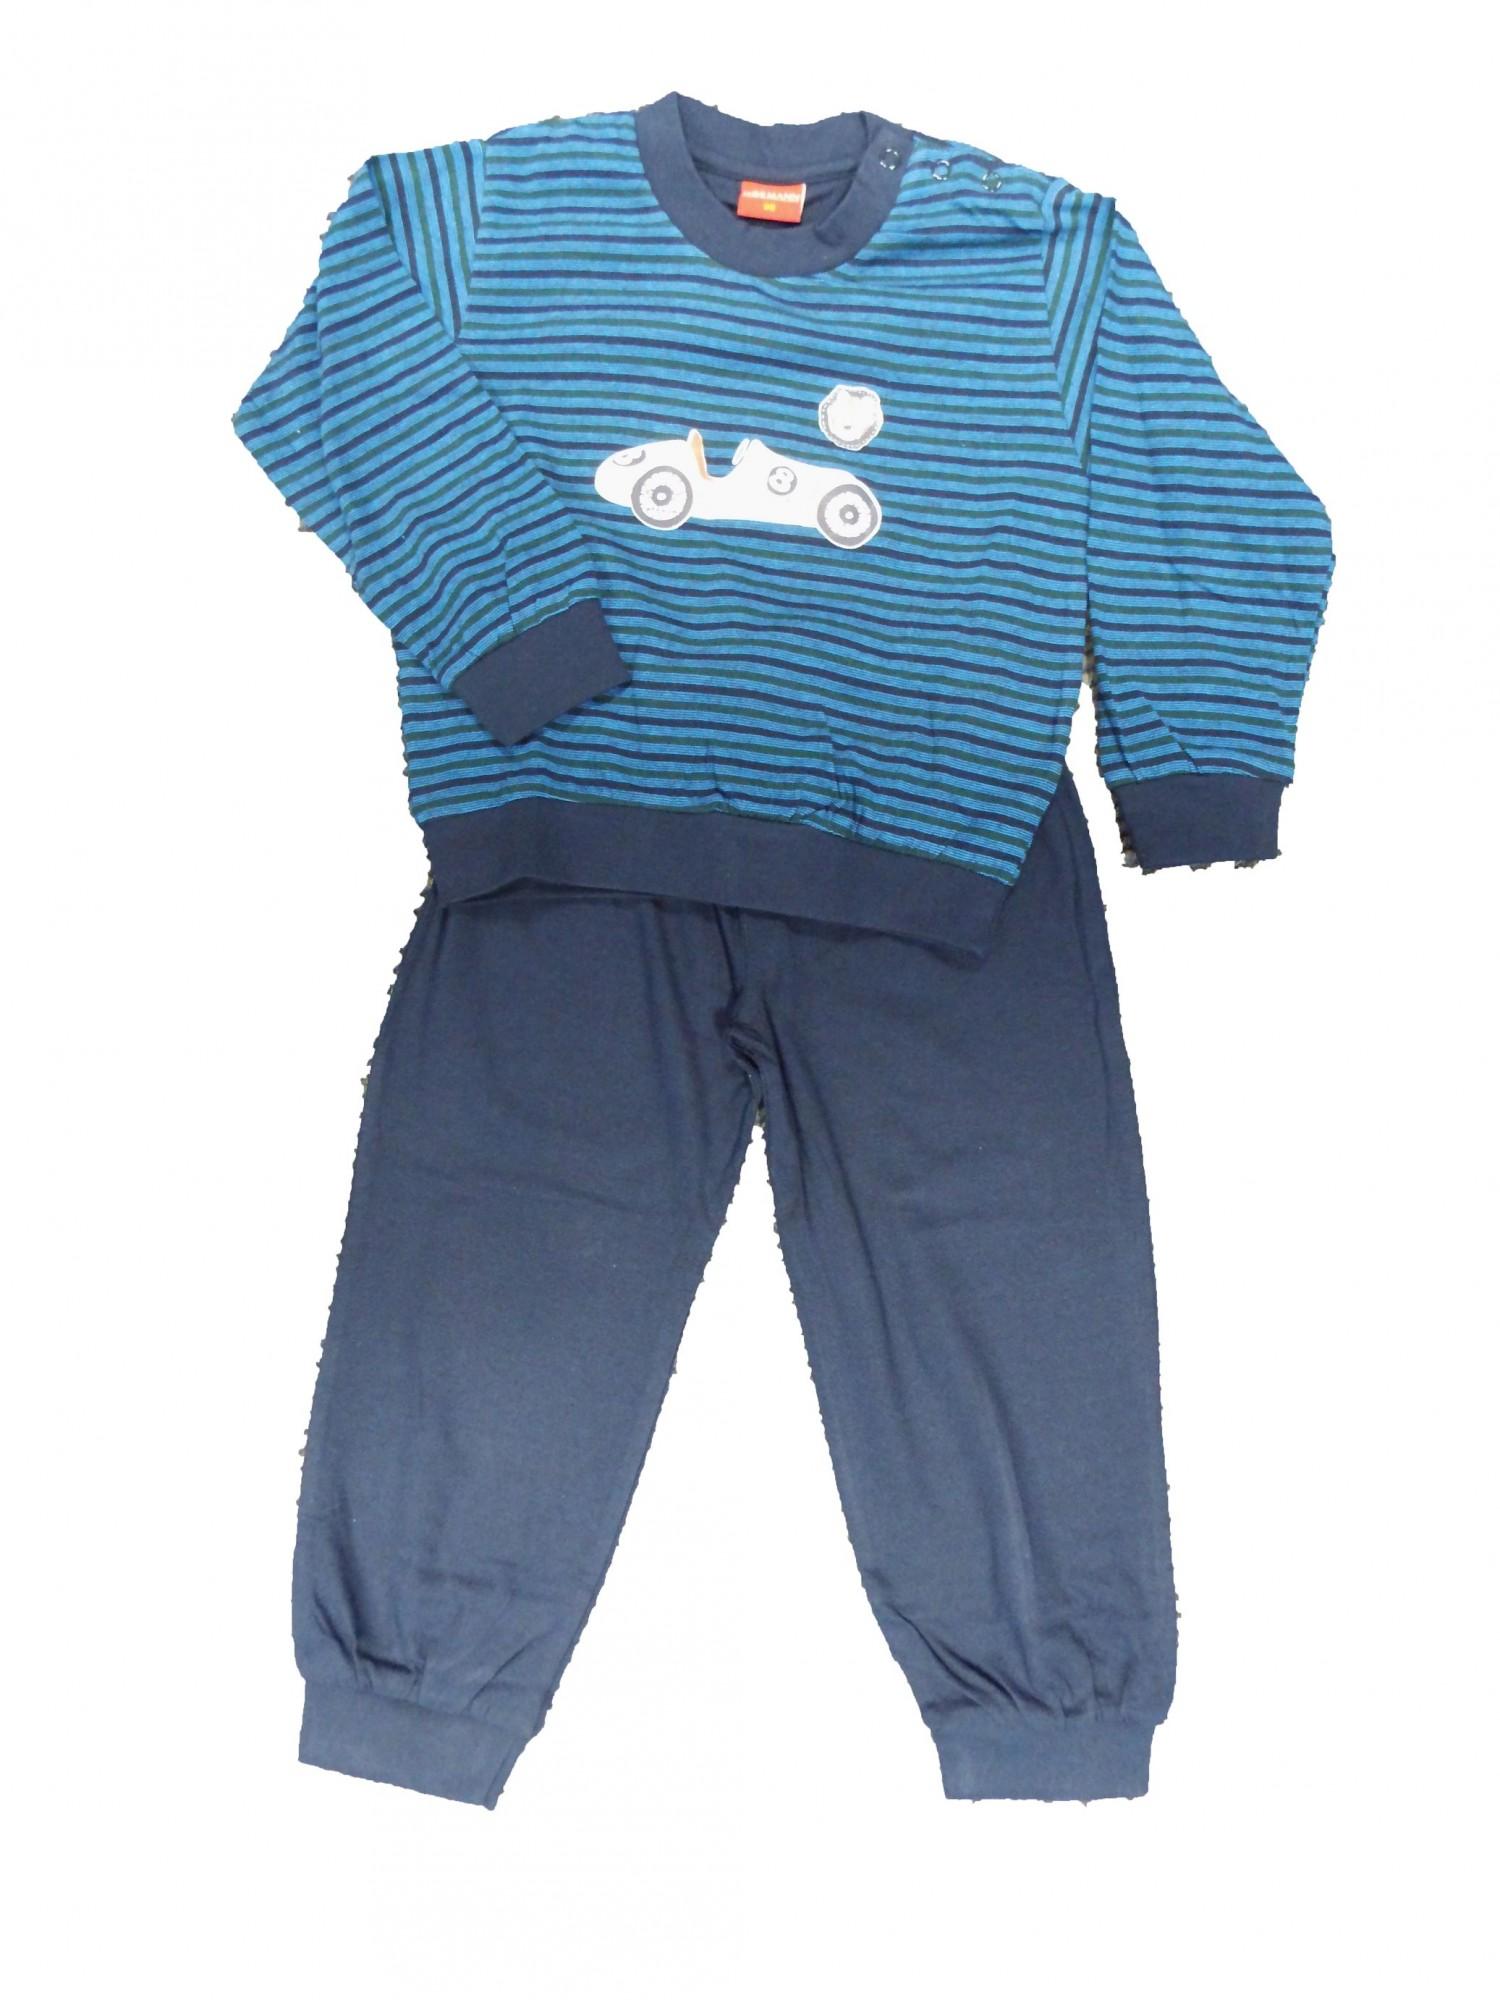 Jungen Kleinkinder Pyjama mit Bündchen, 801 90 700 – Bild 2